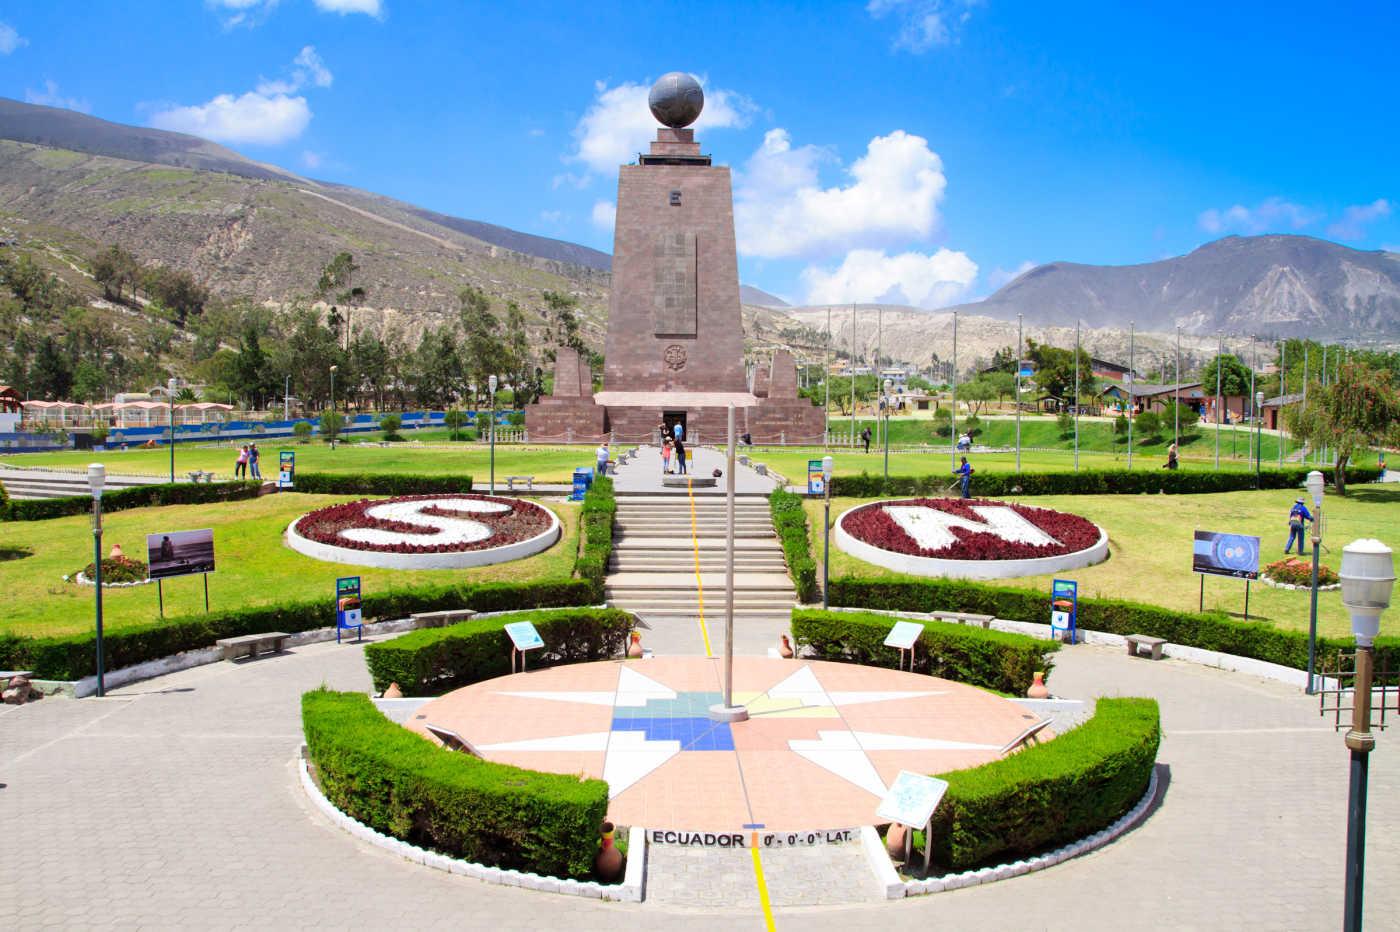 Картинки по запросу tourist attractions in ecuador